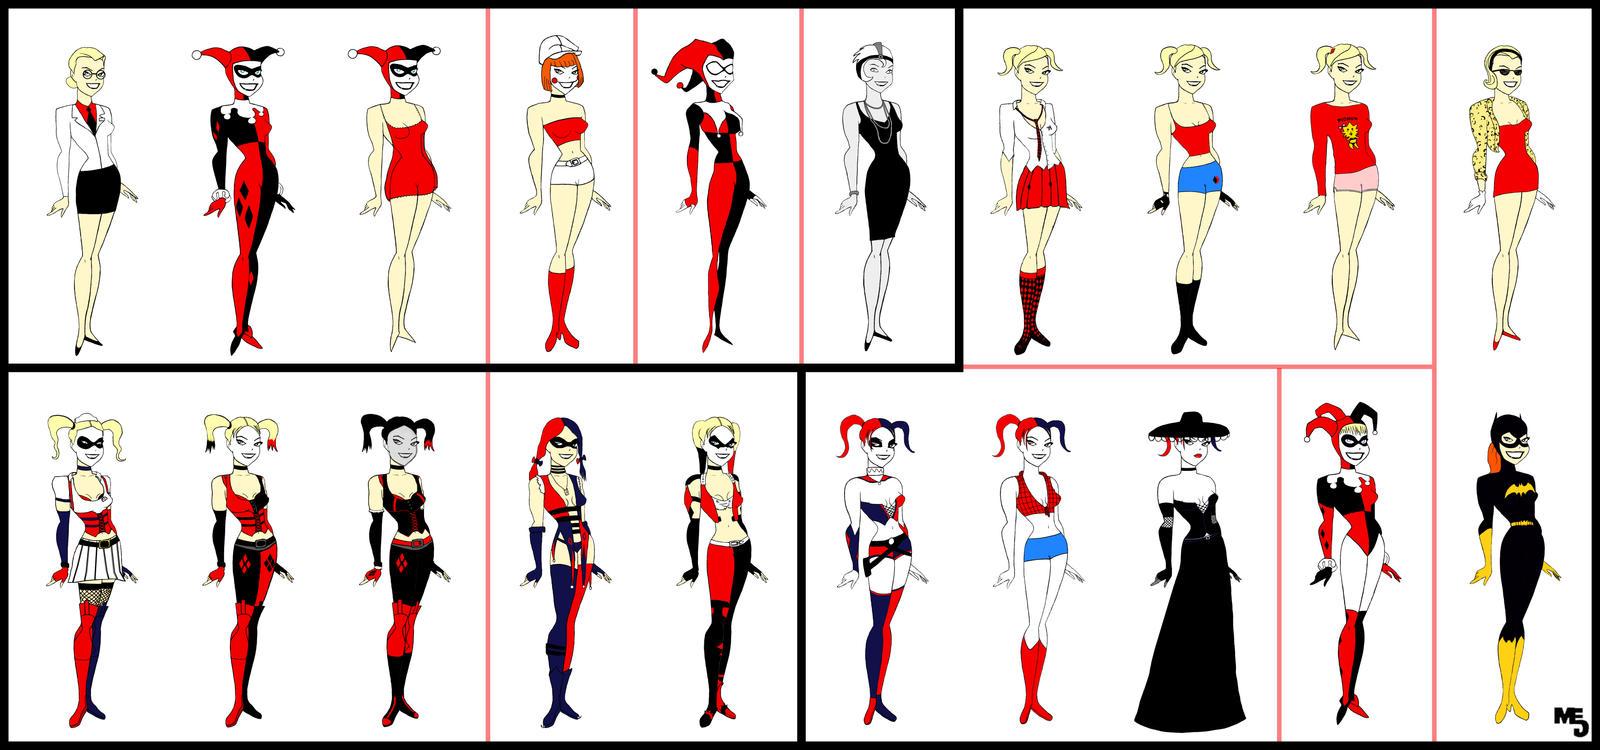 ... All-Star Harley Quinn | 20 costumes | by Mark-EG  sc 1 st  DeviantArt & All-Star Harley Quinn | 20 costumes | by Mark-EG on DeviantArt